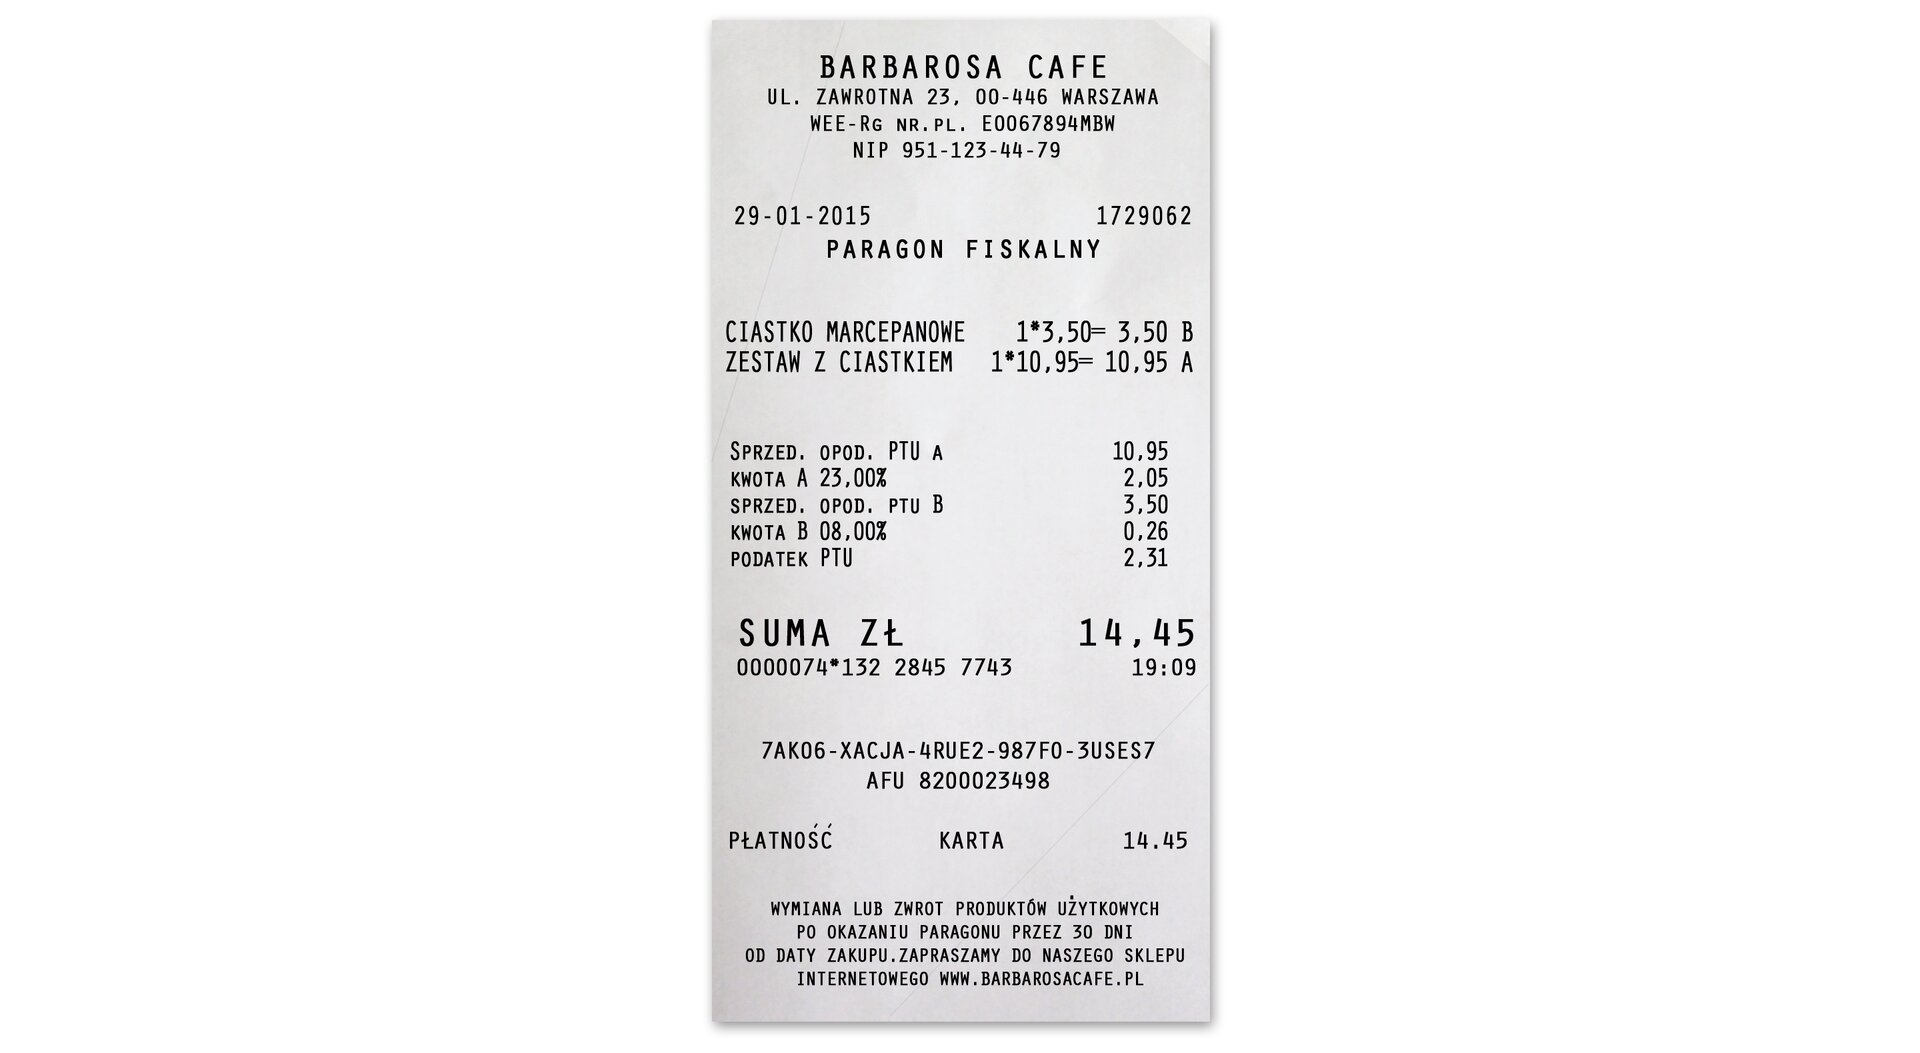 Rysunek paragonu fiskalnego. Zakupiono ciastko marcepanowe za 3,50 oraz zestaw zciastkiem 10,95. Koszt zakupów 14,45.